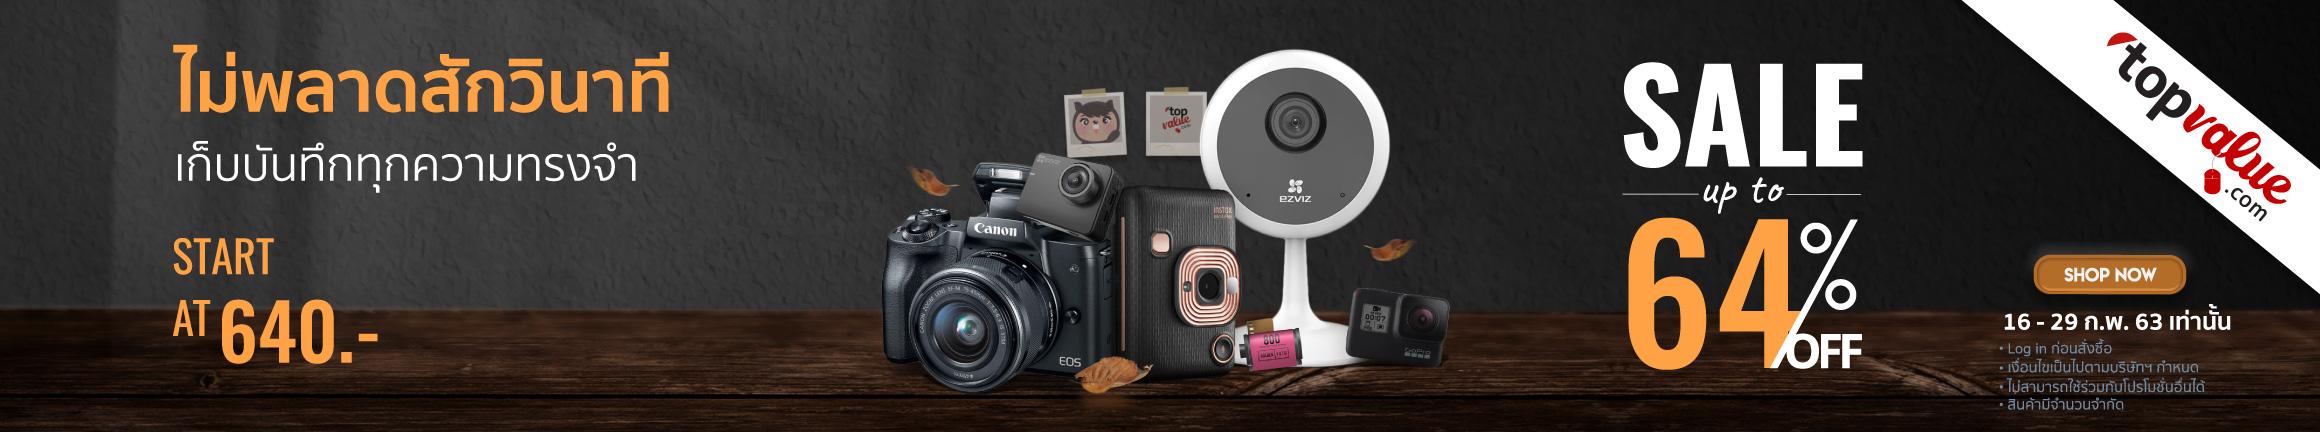 Top Value Camera Sale (TH)